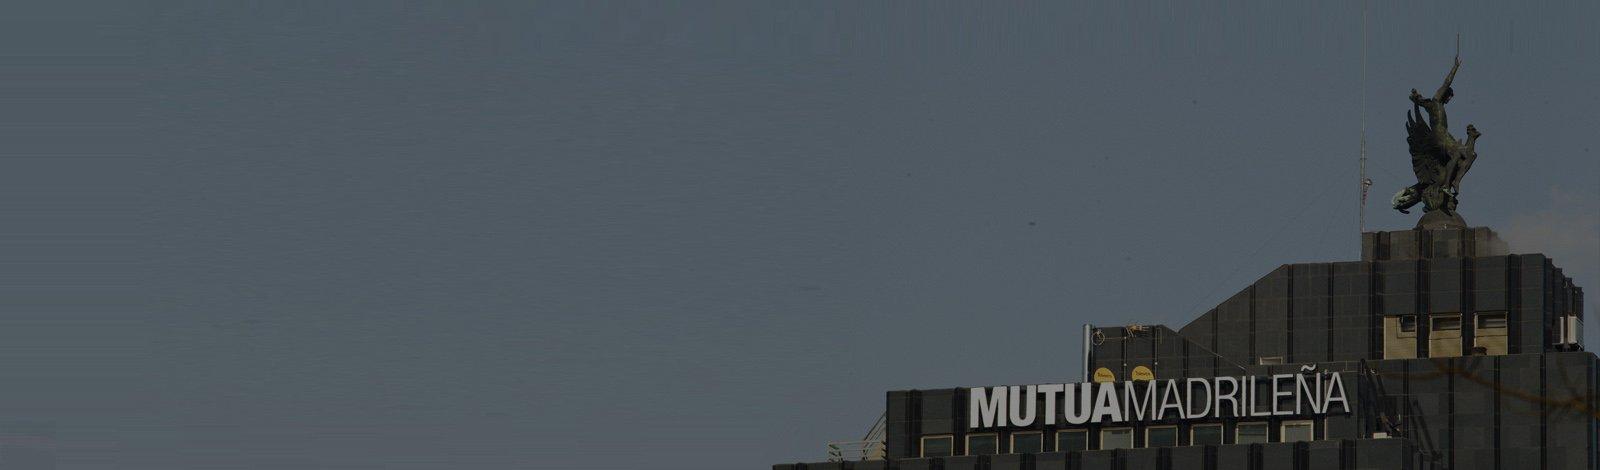 slider5_mutua